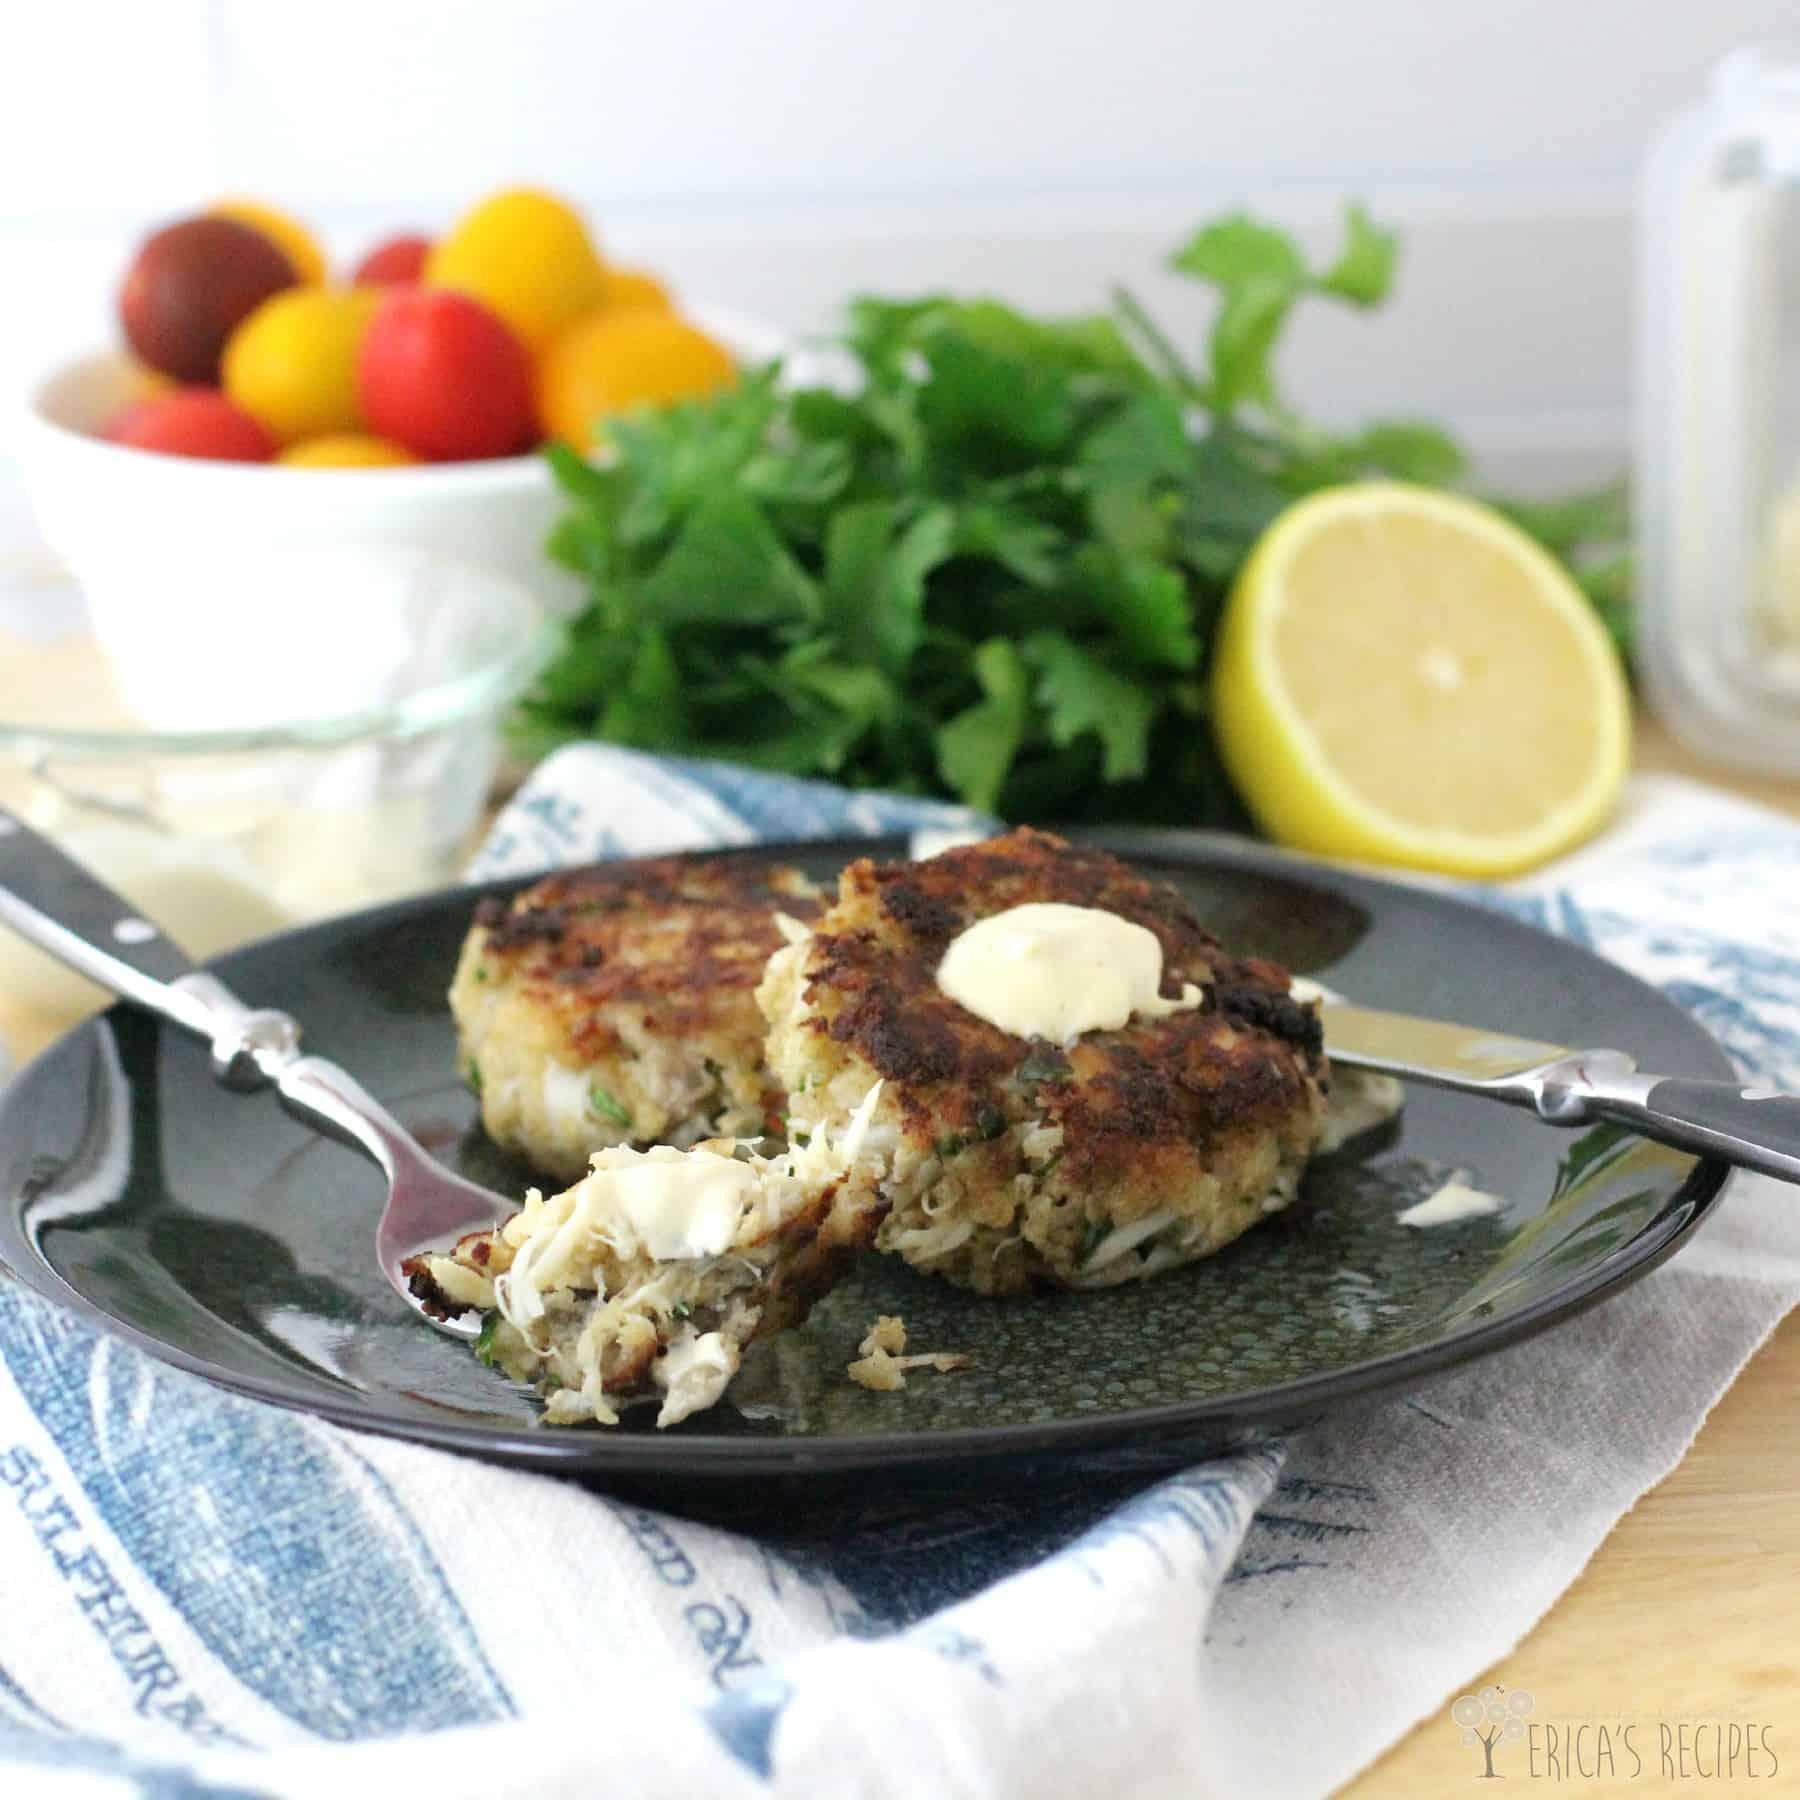 Recipe sauce for crab cakes